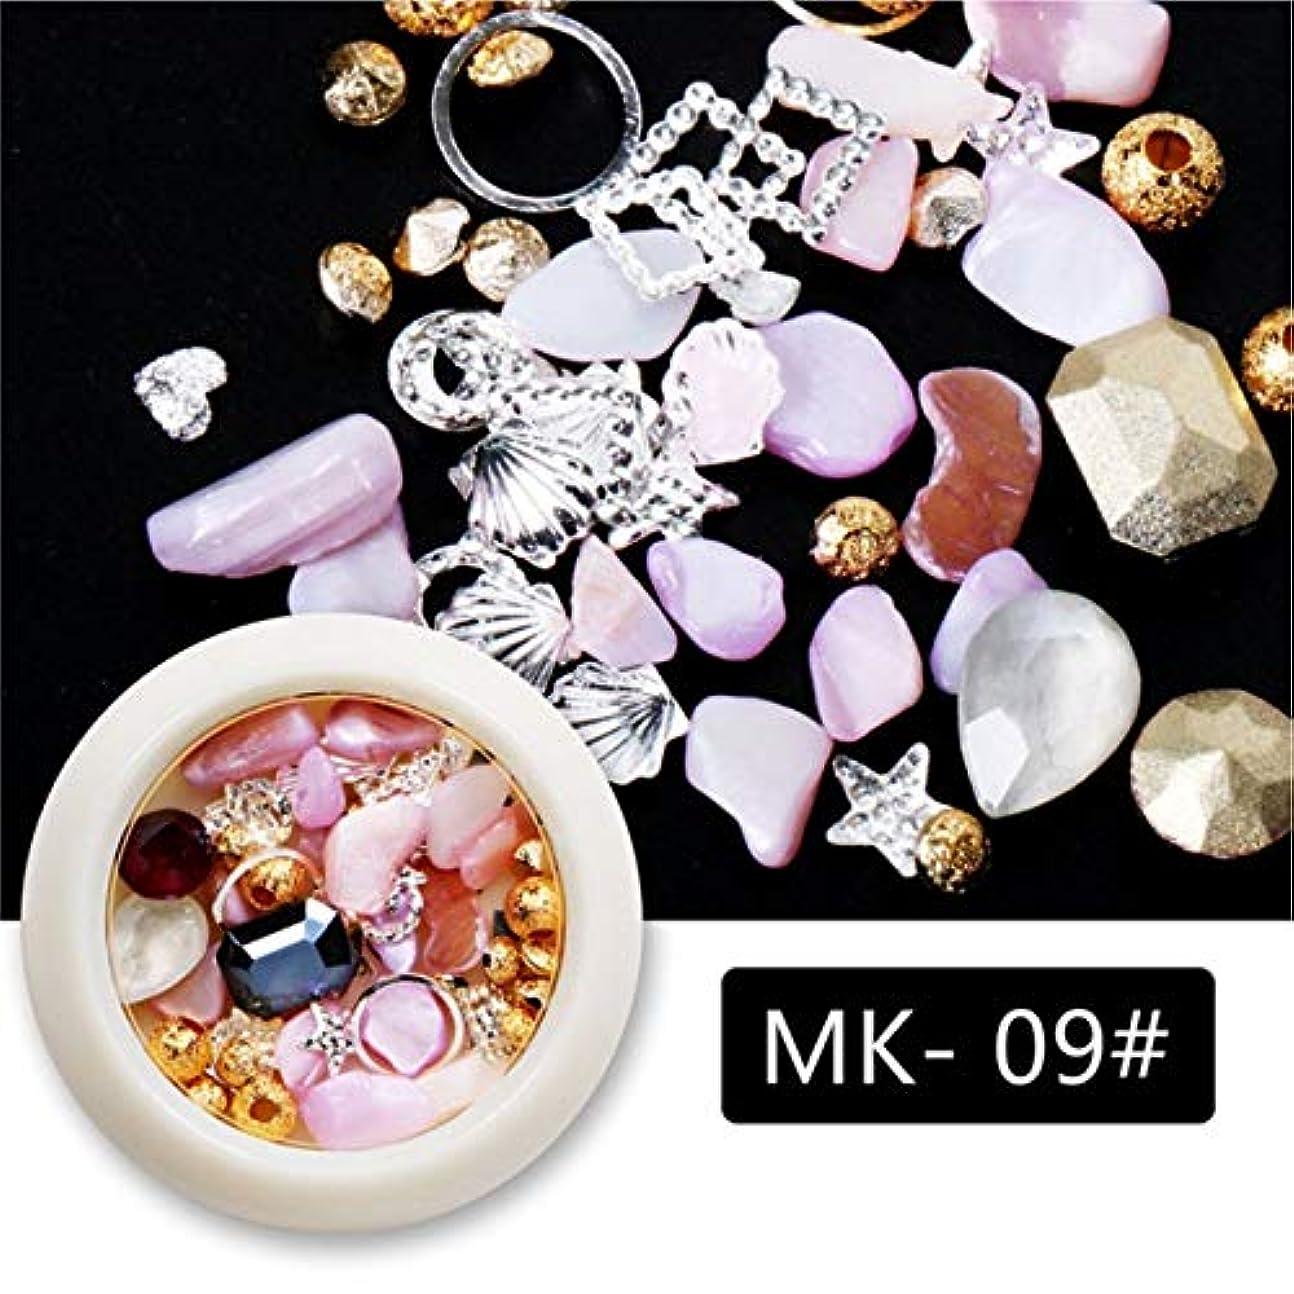 強調回復する実装するサリーの店 新しいリリース1ボックス2019新しいネイルジュエリーパールライン結晶宝石宝石ダイヤモンド混合物混合合金ネイルアート装飾品(None MK-09)